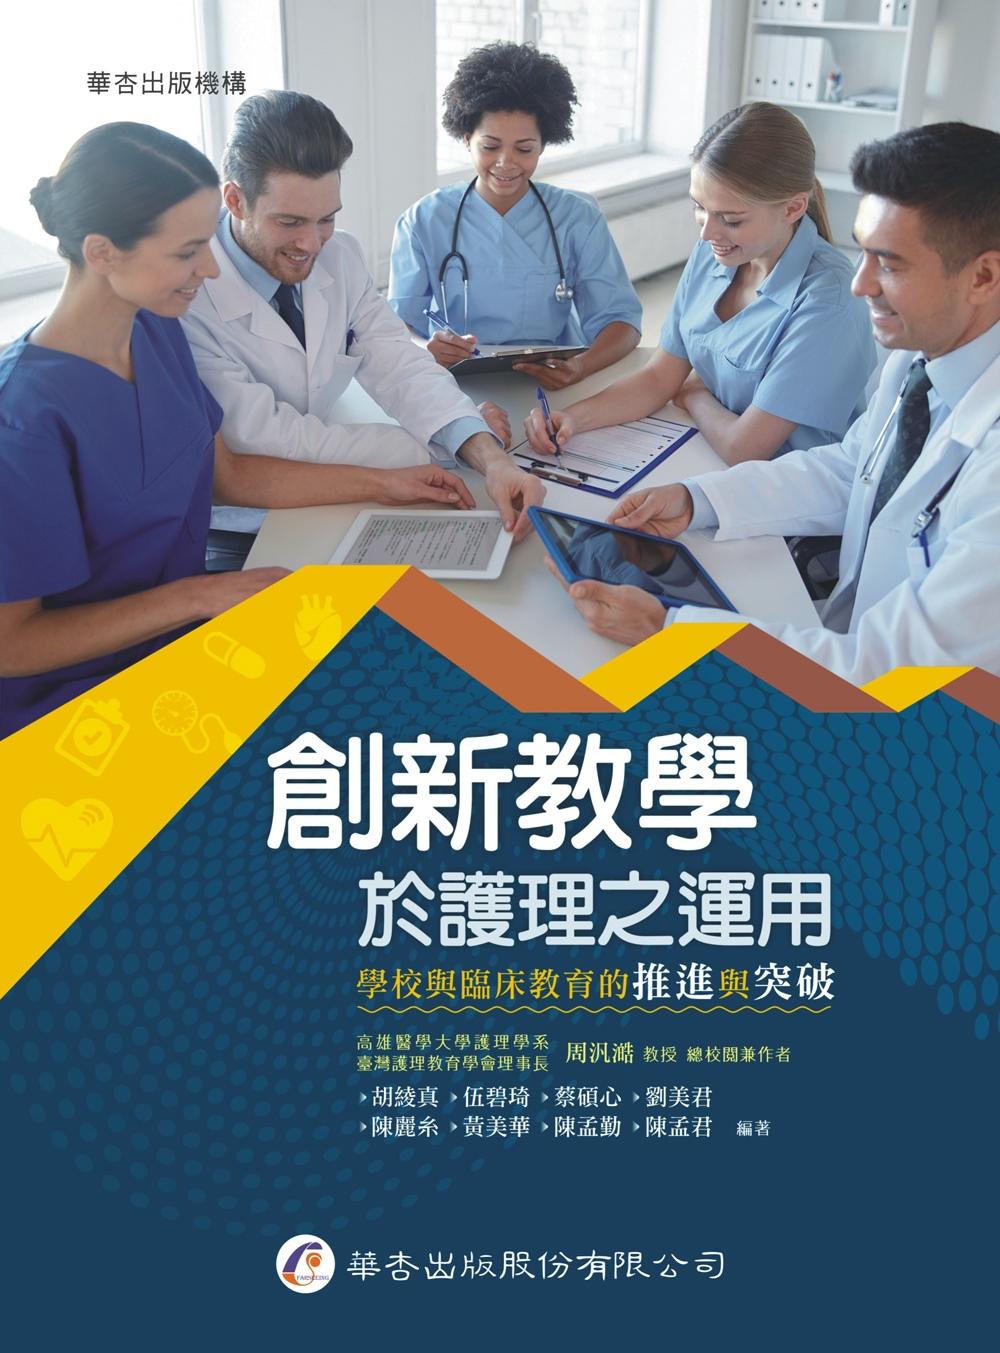 創新教學於護理之運用:學校與臨床教育的推進與突破